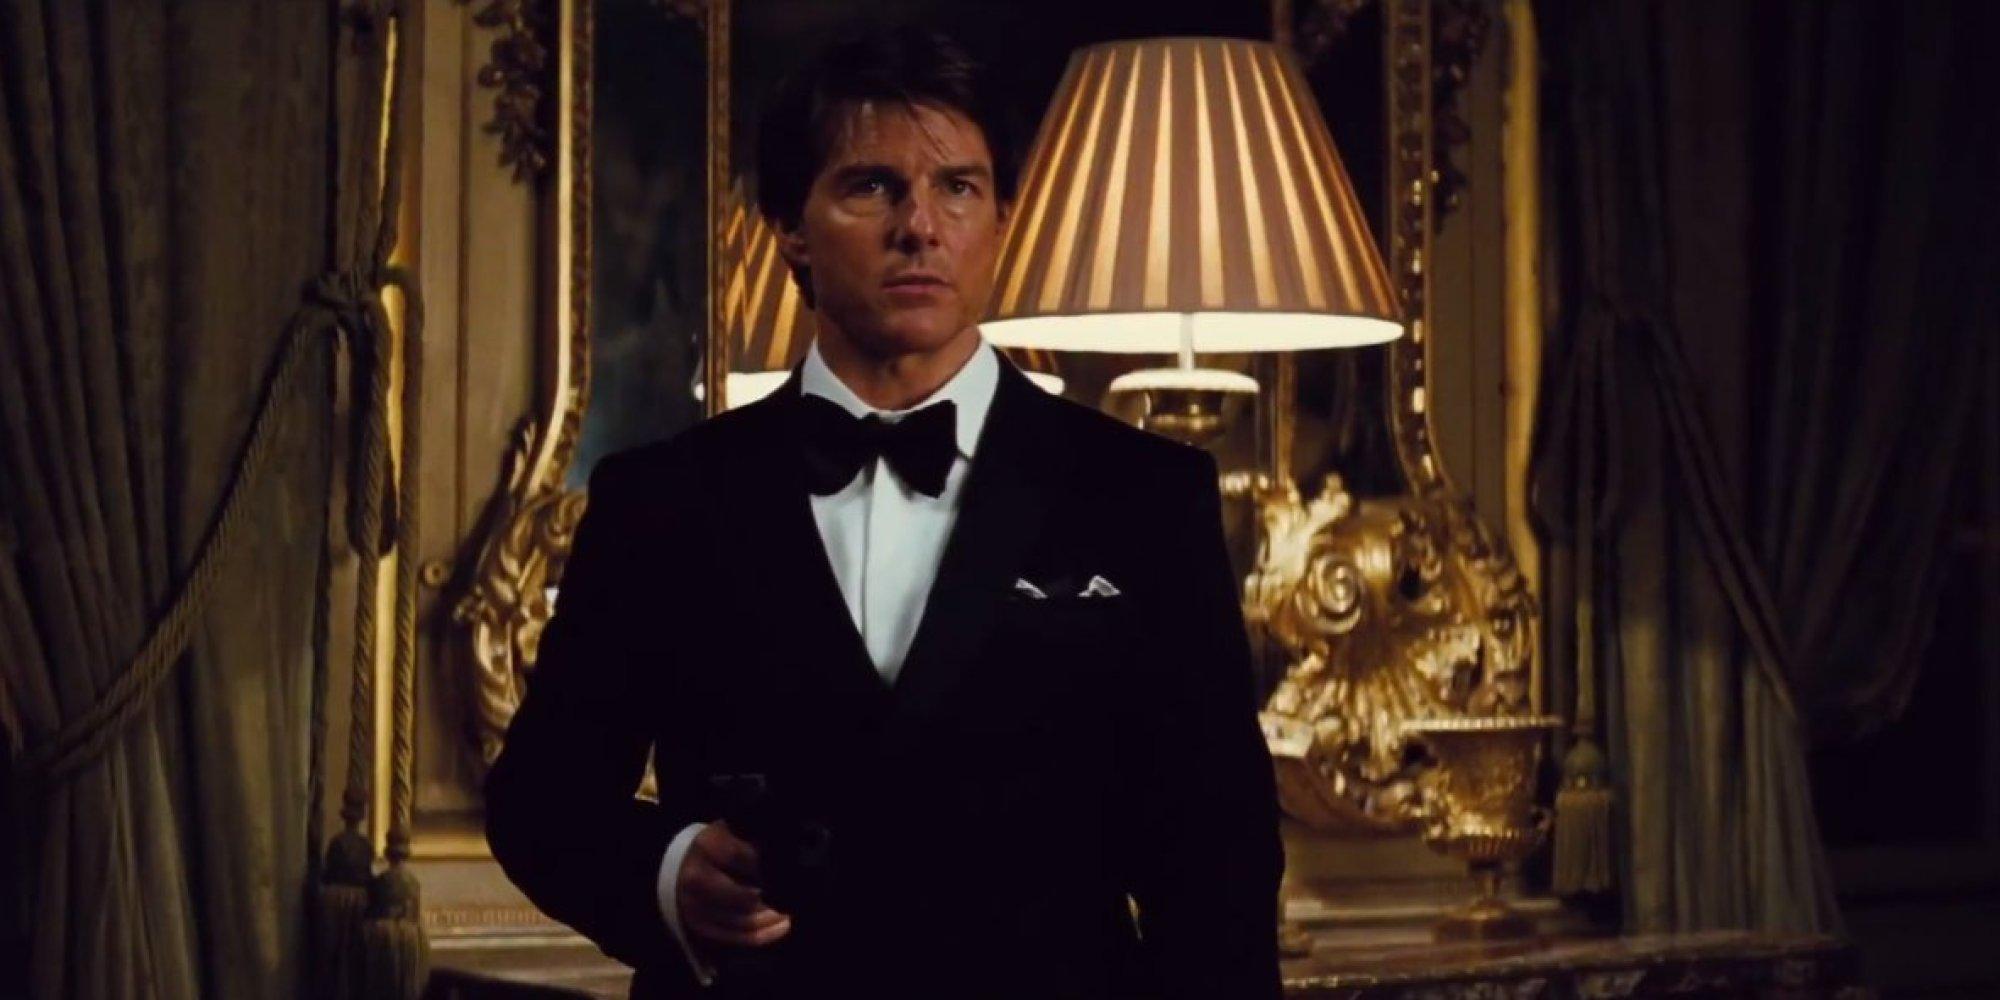 Znamy tytuł nowej części Mission: Impossible. Tom Cruise ujawnił także pierwsze zdjęcie z planu